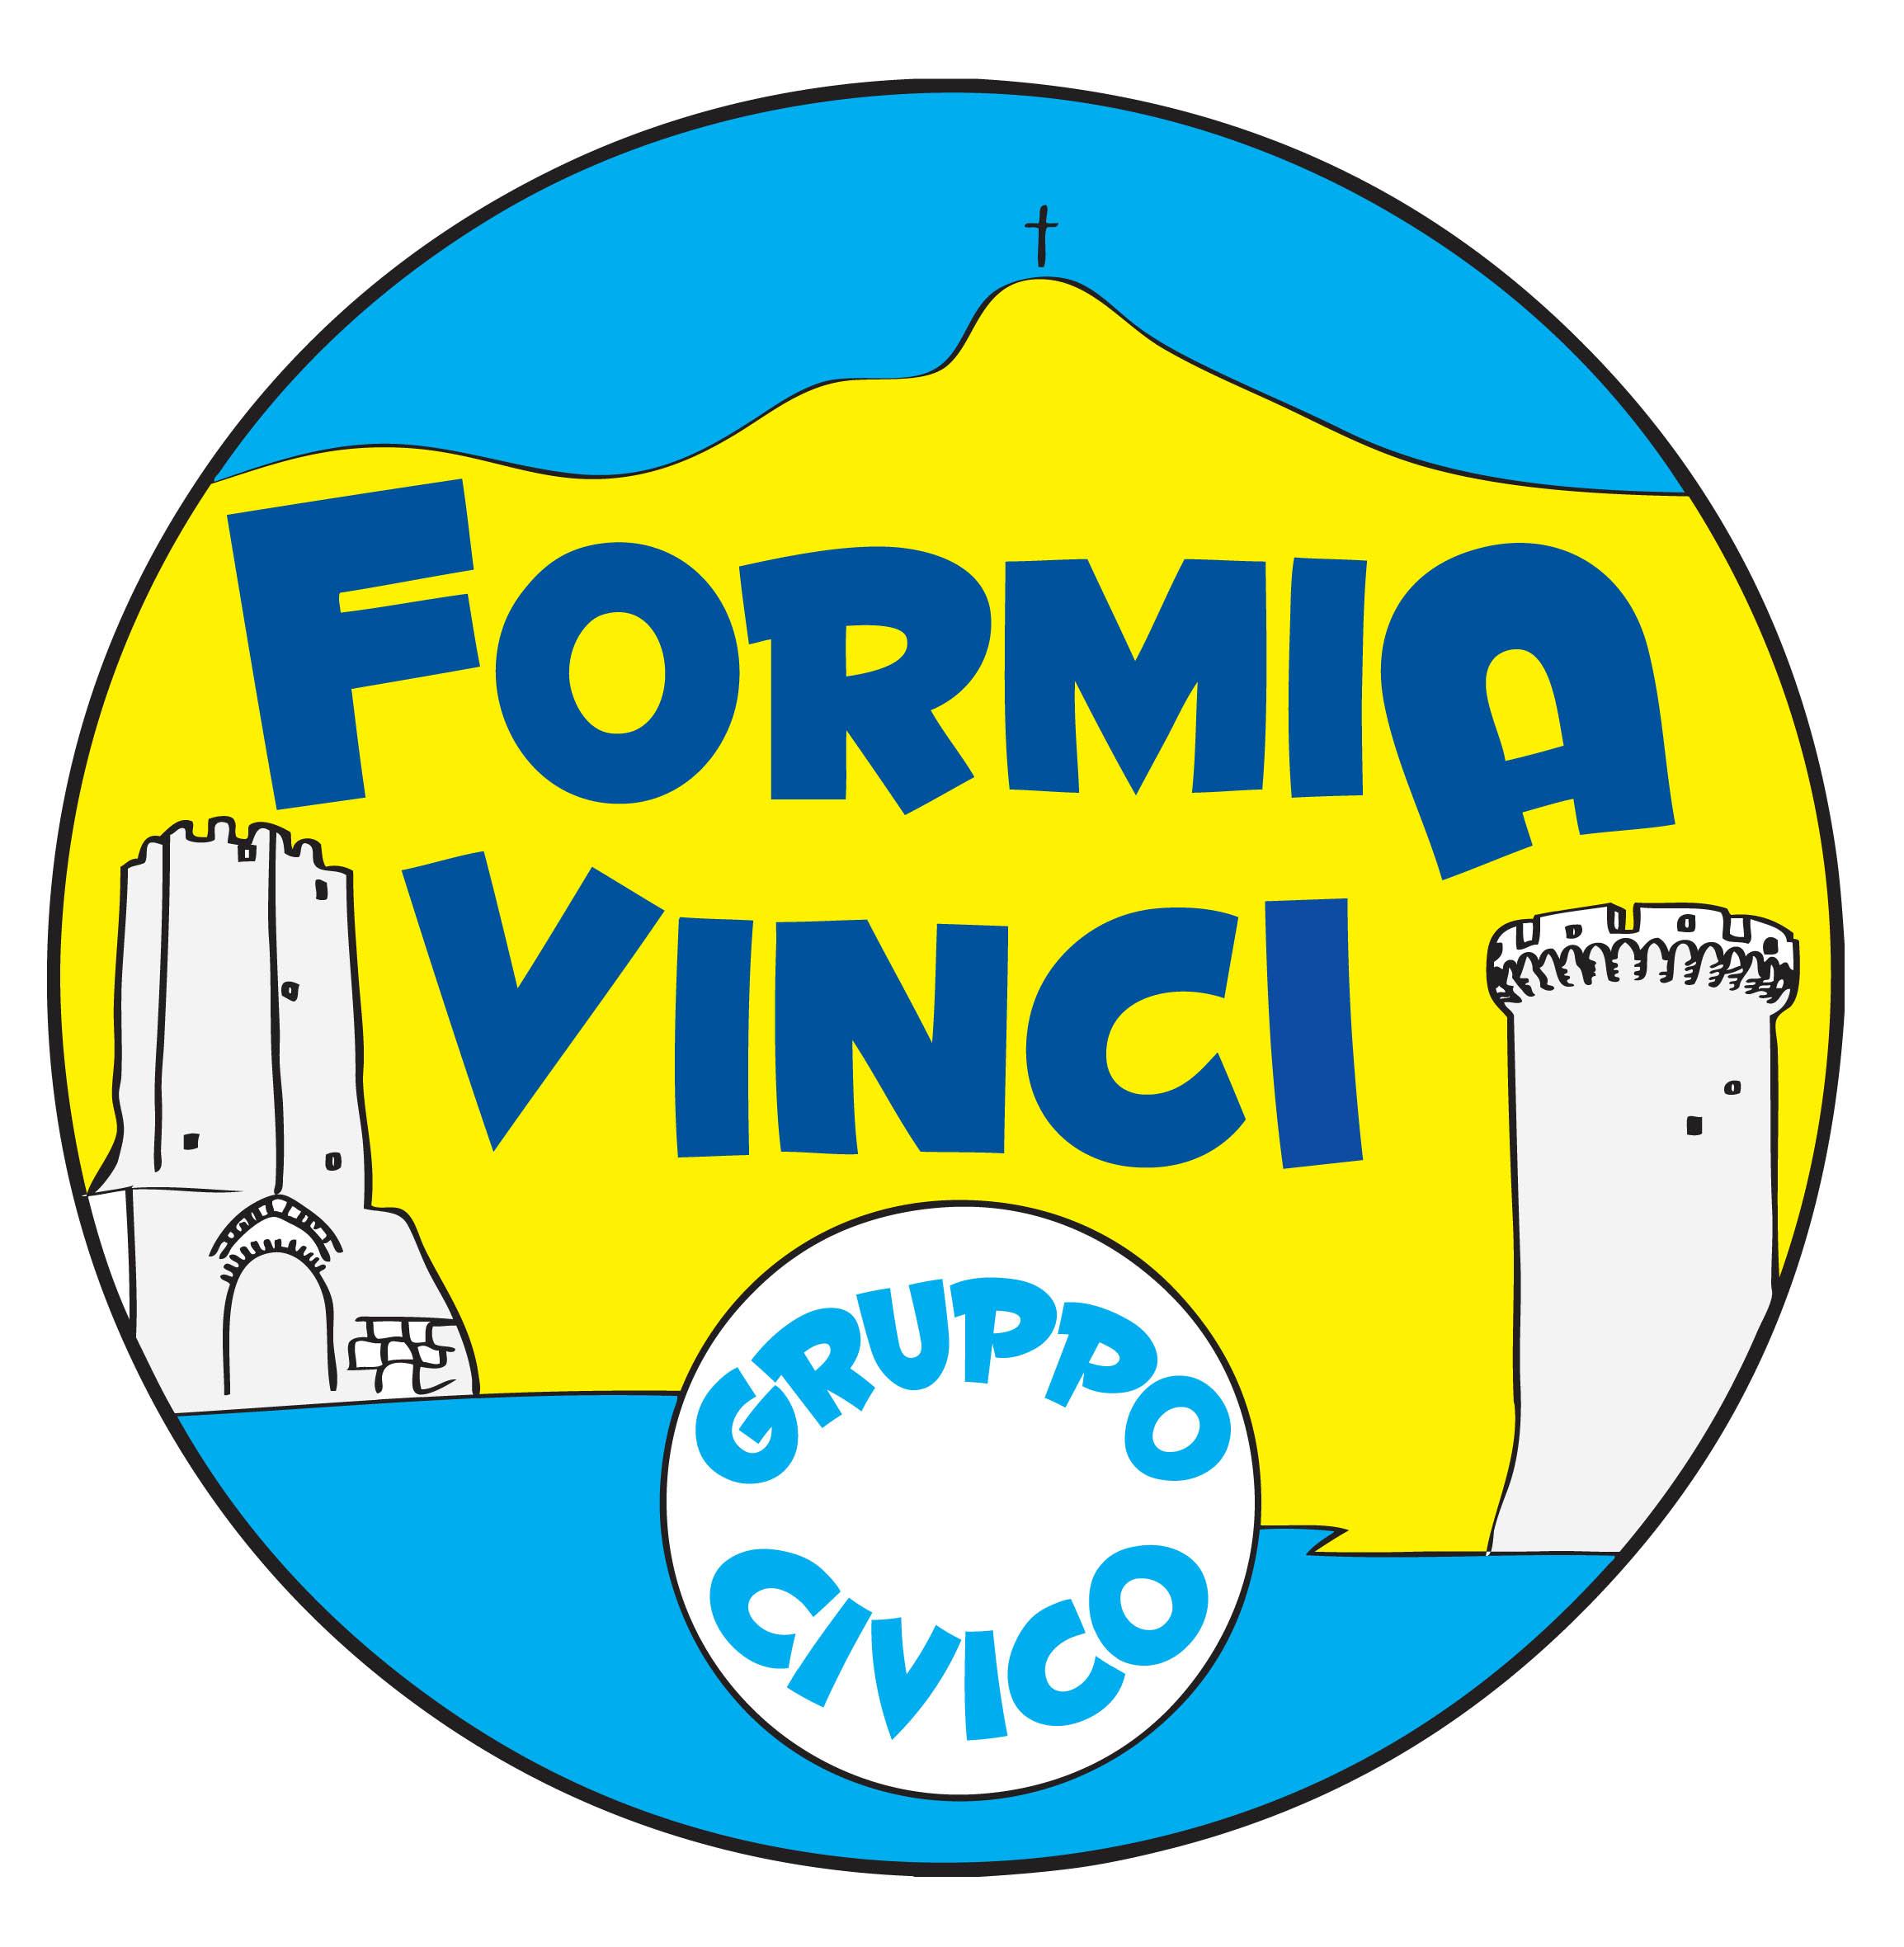 Formia Vinci: Programma elettorale porta a porta